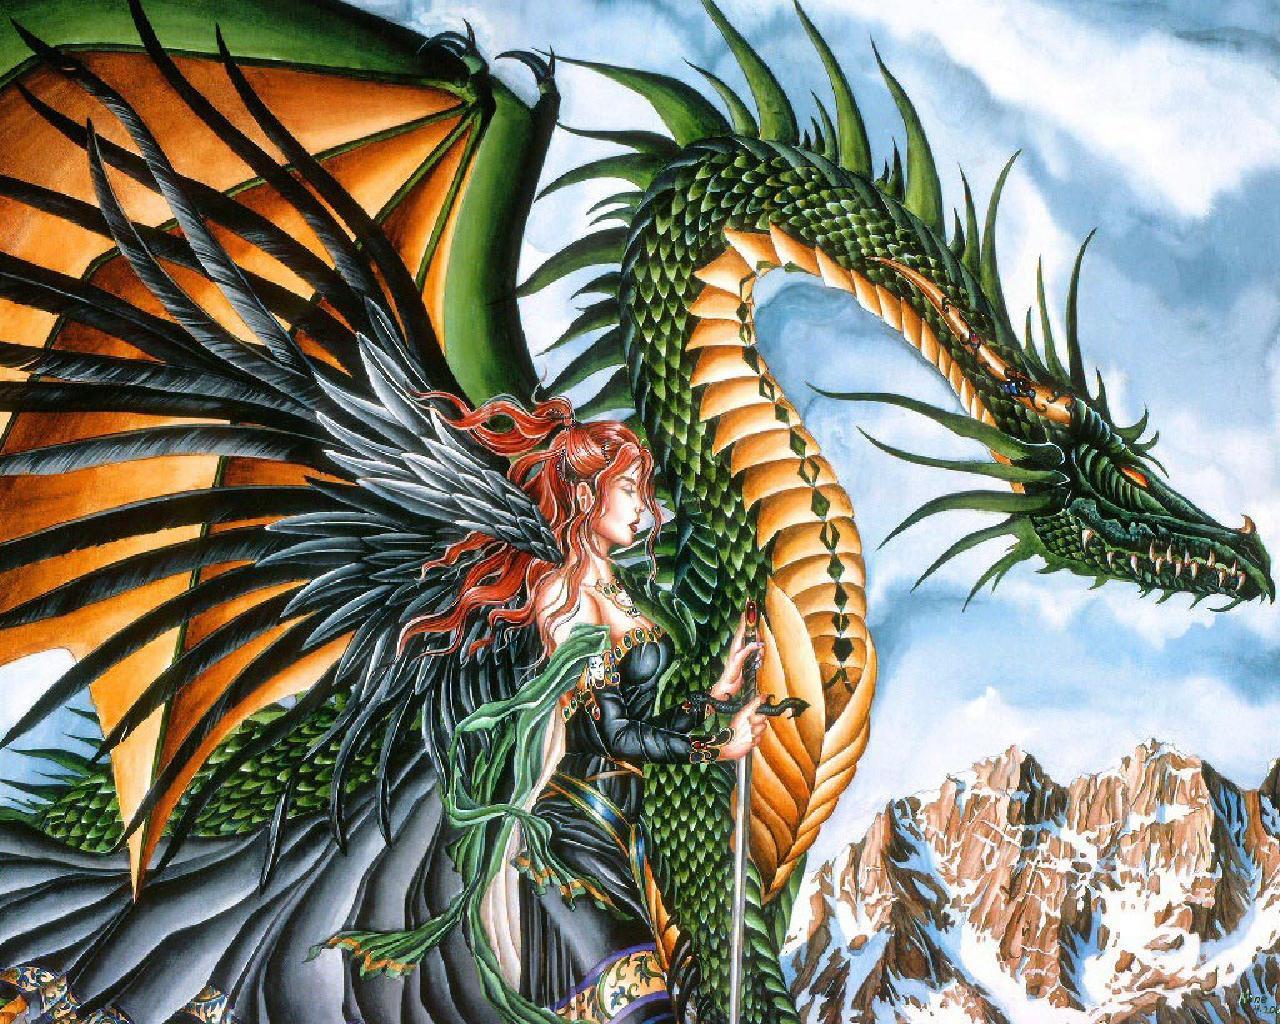 Free Dragon Wallpapers and Screensavers - WallpaperSafari